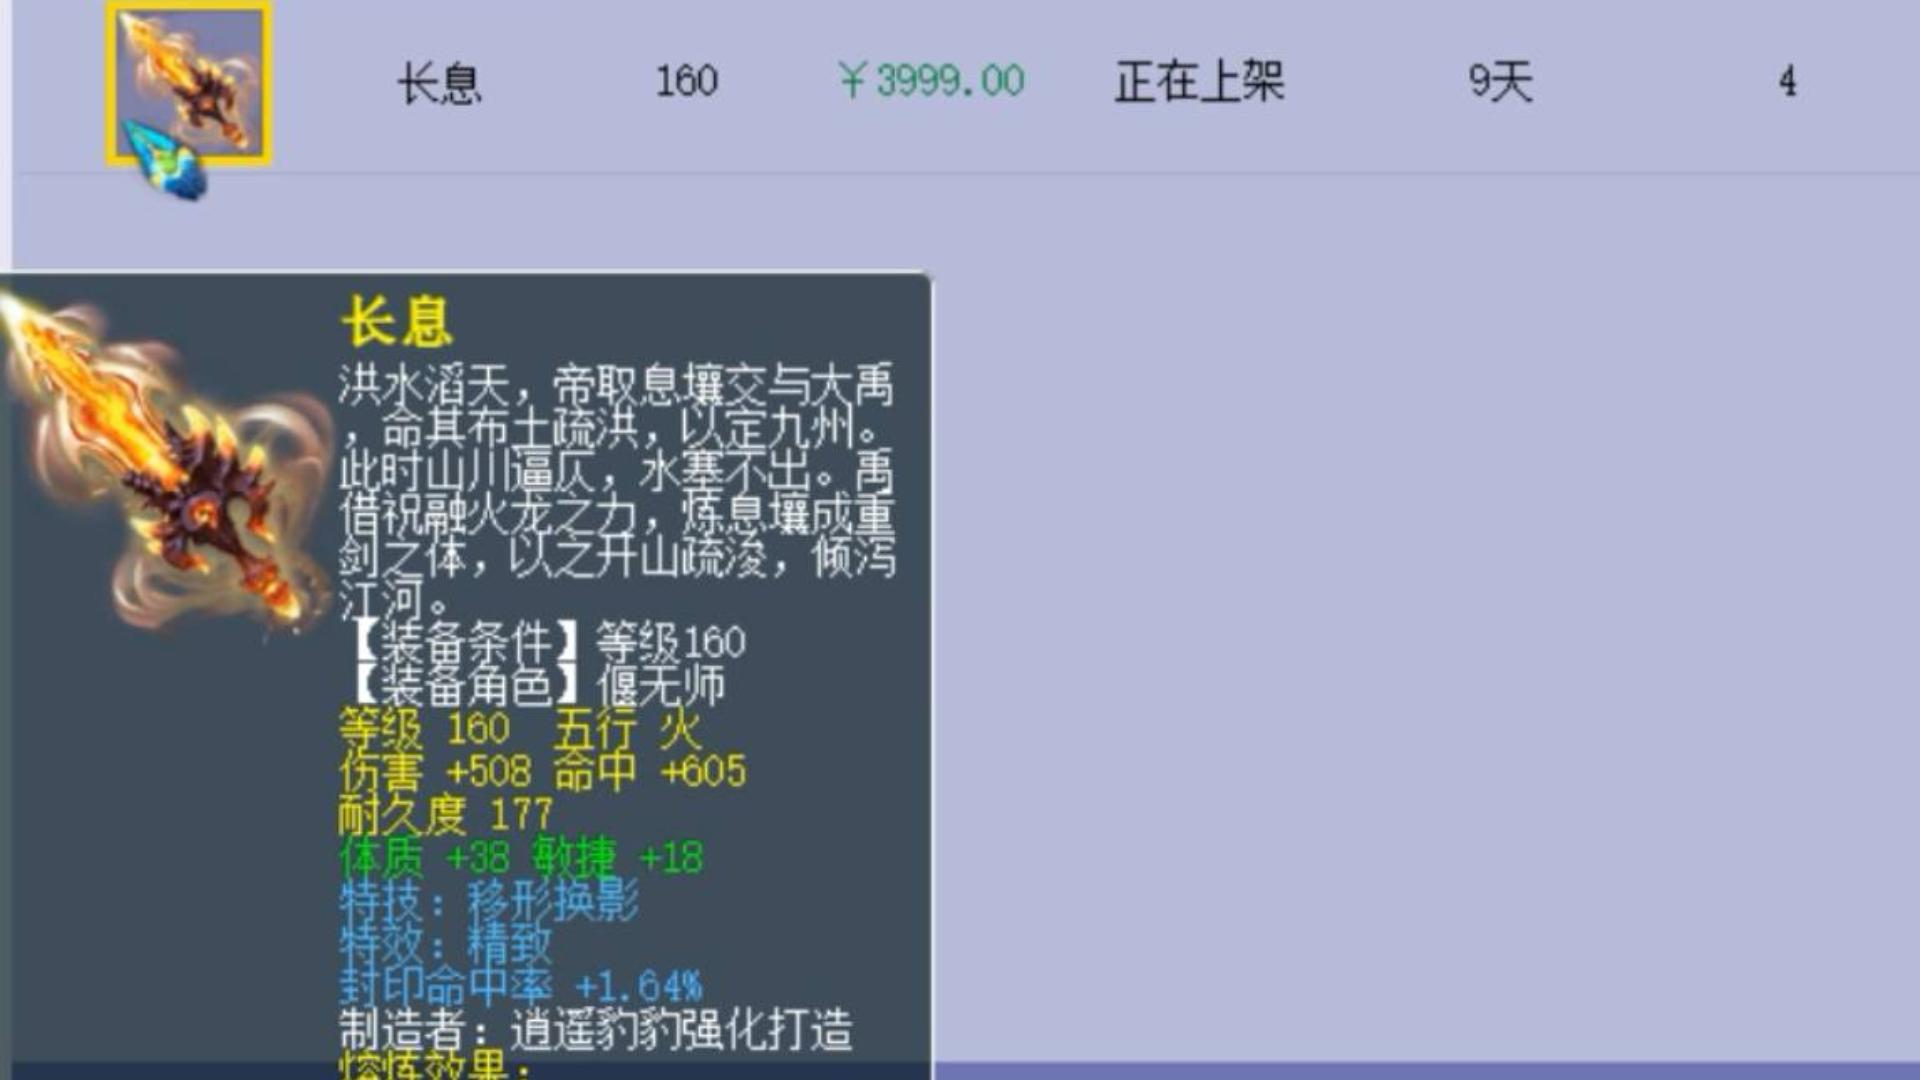 梦幻西游:三蓝字的160级武器,老王一顿分析表示看不懂这个特技